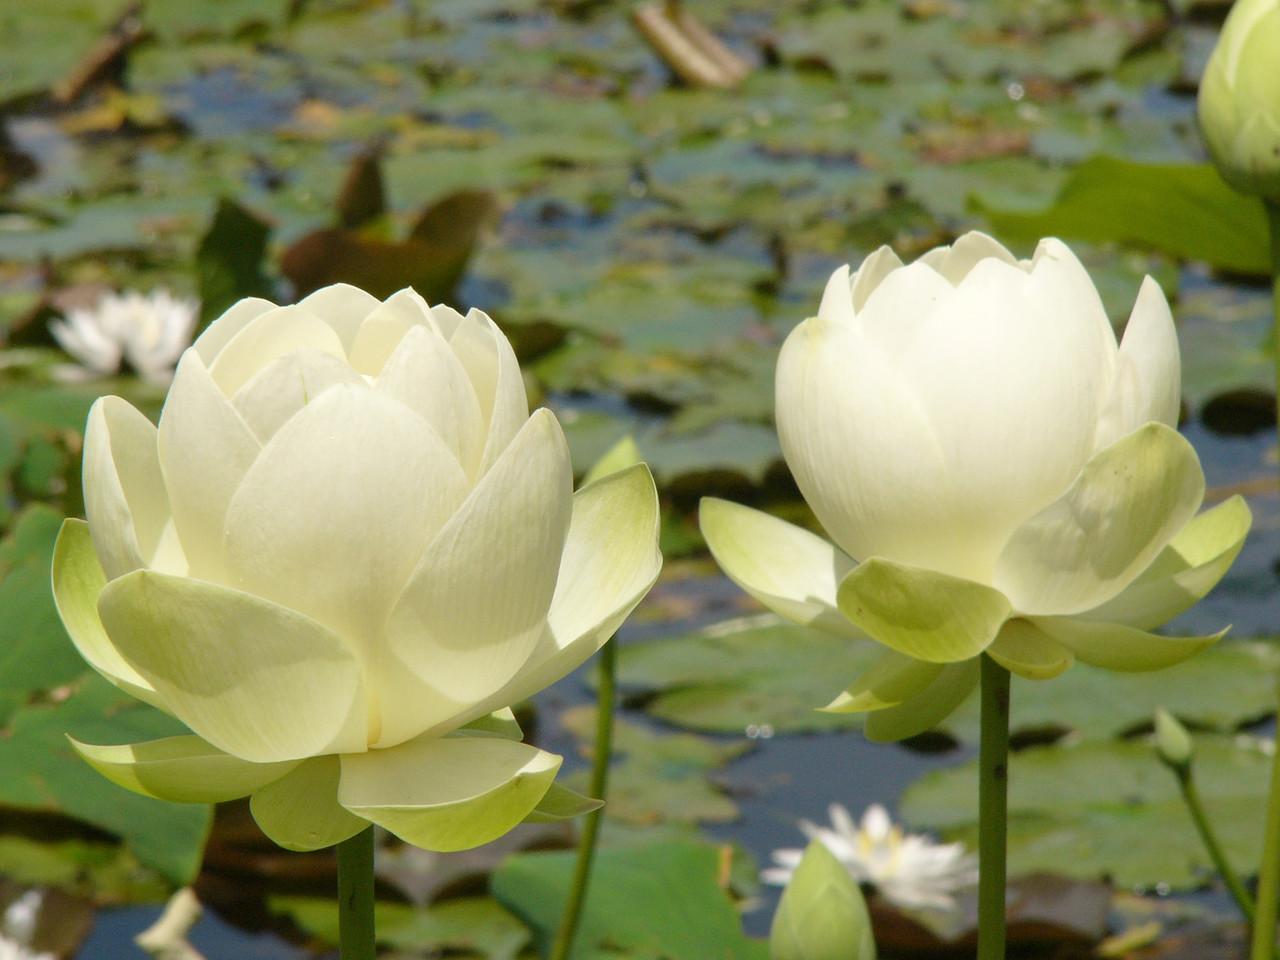 20120105_1230_3007 lotus